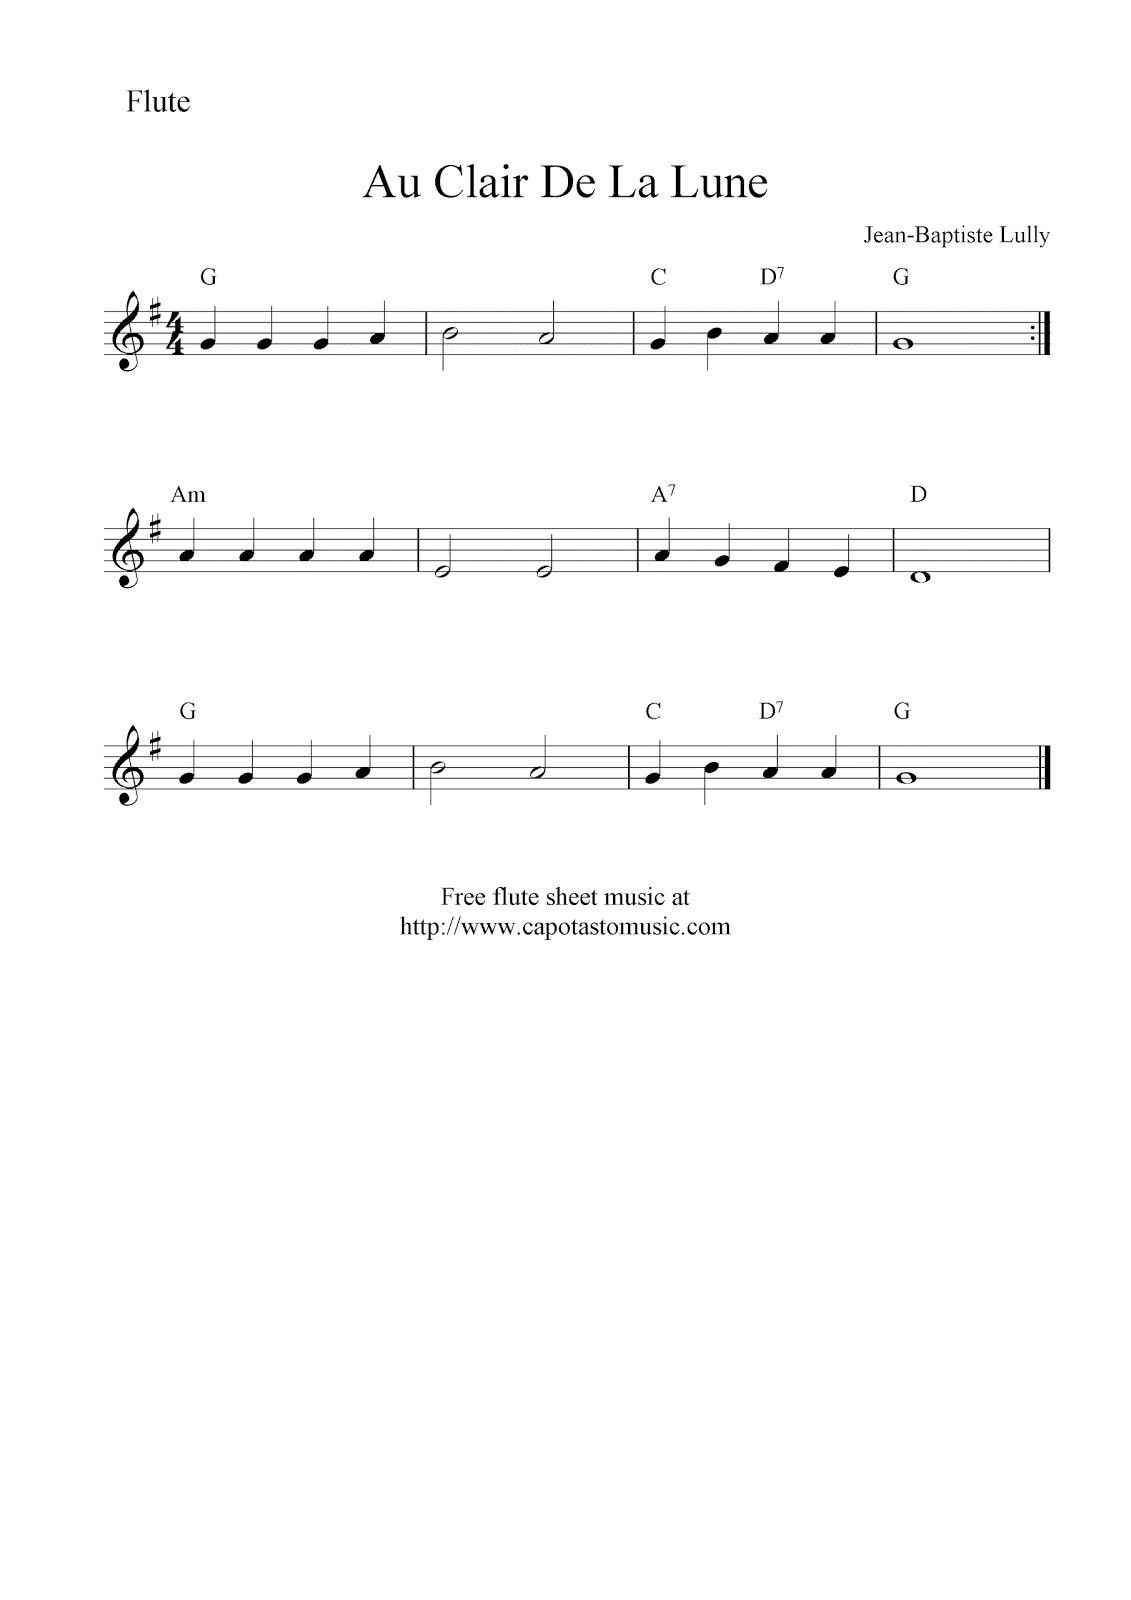 Au Clair De La Lune, Free Flute Sheet Music Notes - Free Printable Flute Music